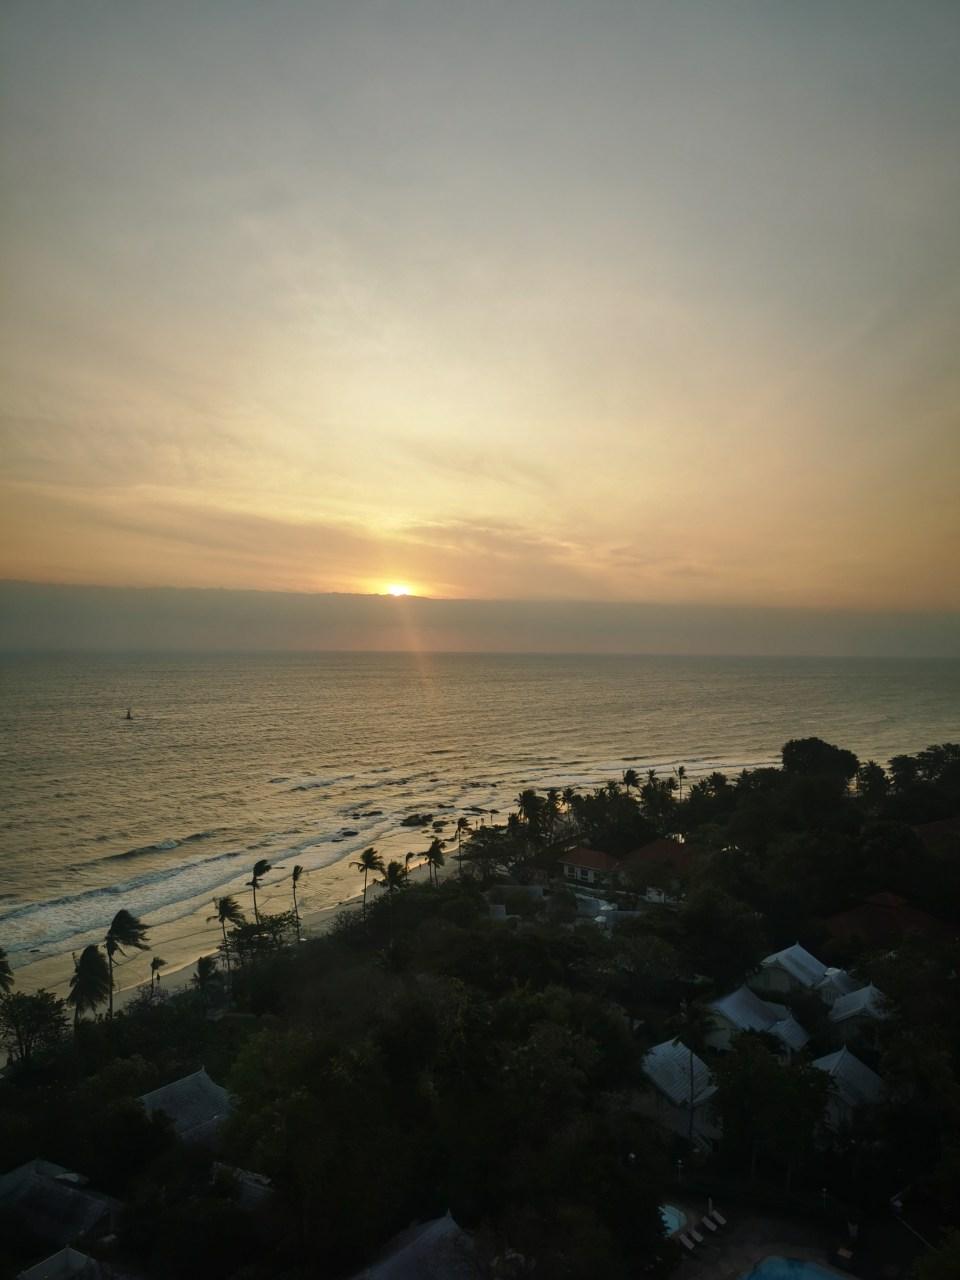 sunrise seen from Hua Hin Hilton